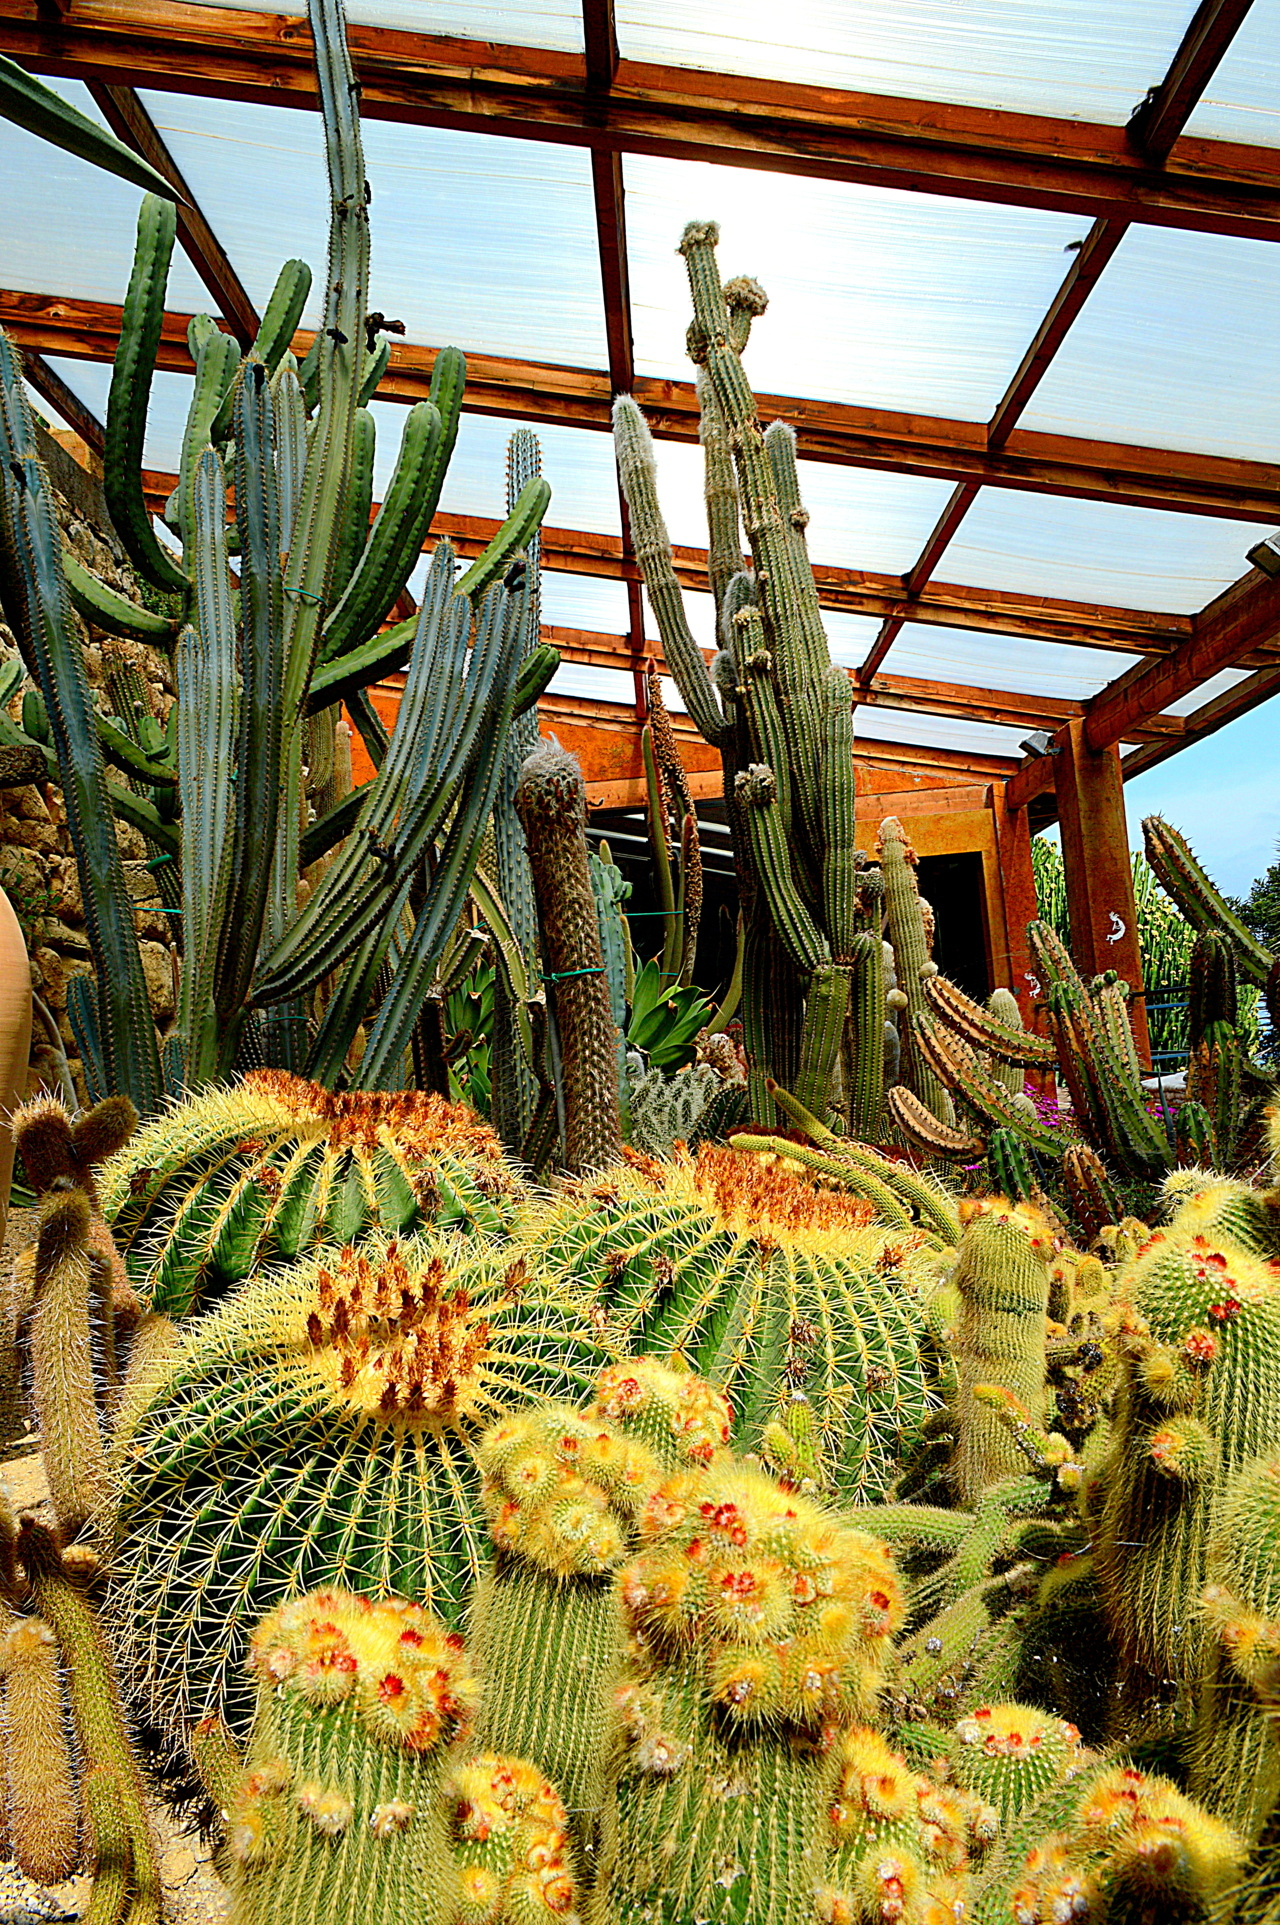 L 39 Eden Sulla Riviera Di Ponente Il Giardino Esotico